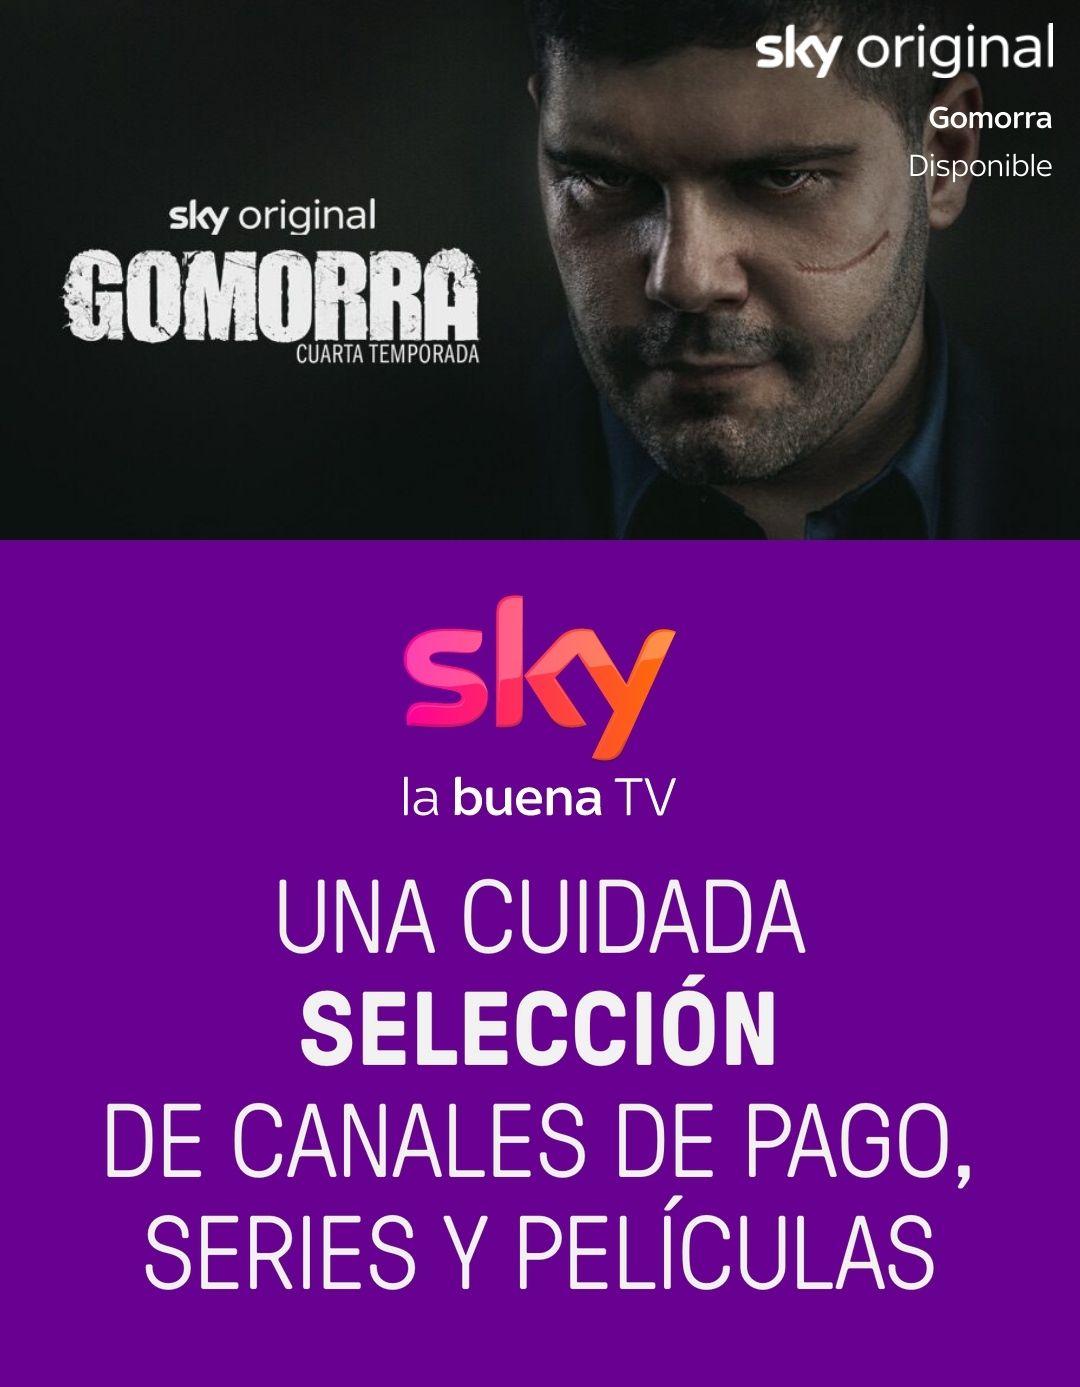 Sky tv - 40 Días gratis